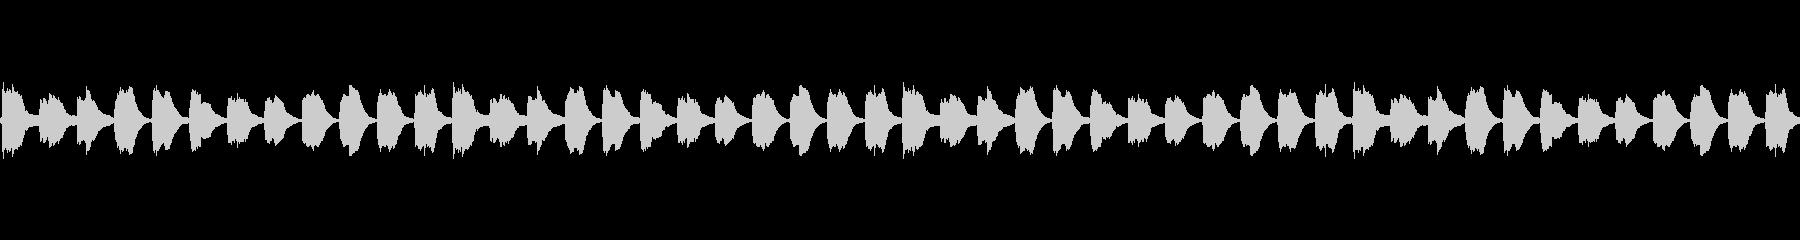 無限に音階の下がるピアノ音(ループ)の未再生の波形